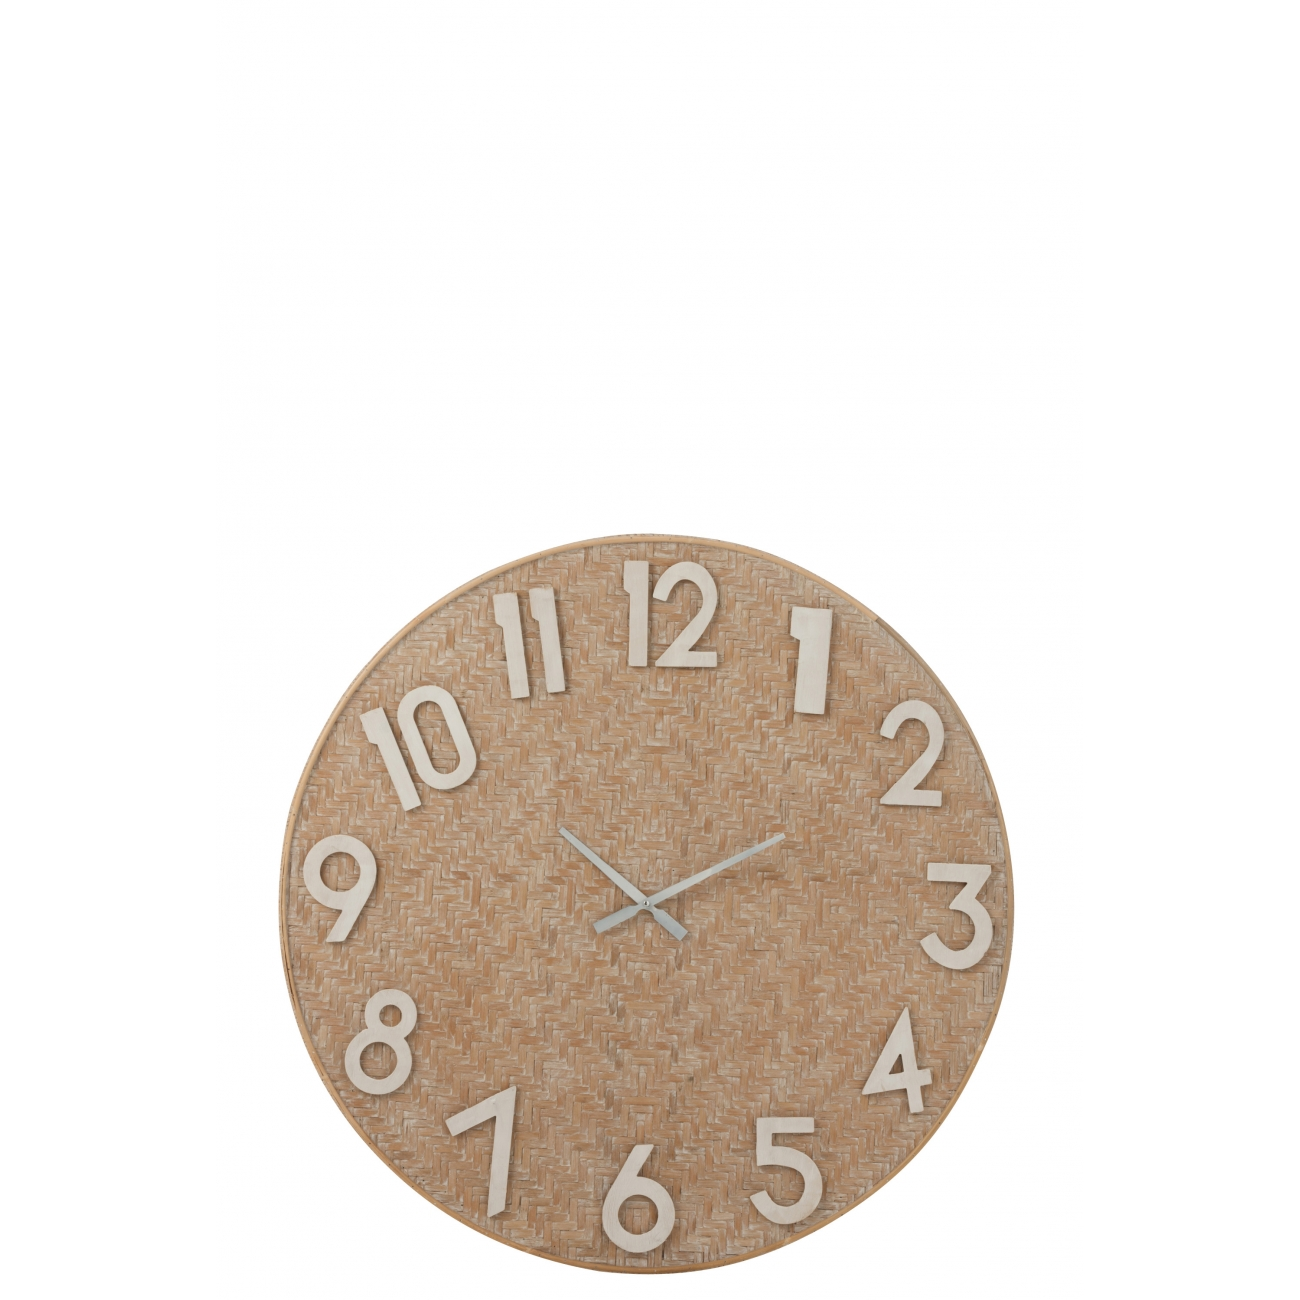 Настенные часы J-LINE круглые бежевые в корпусе из плетенного камыша 92 см Бельгия